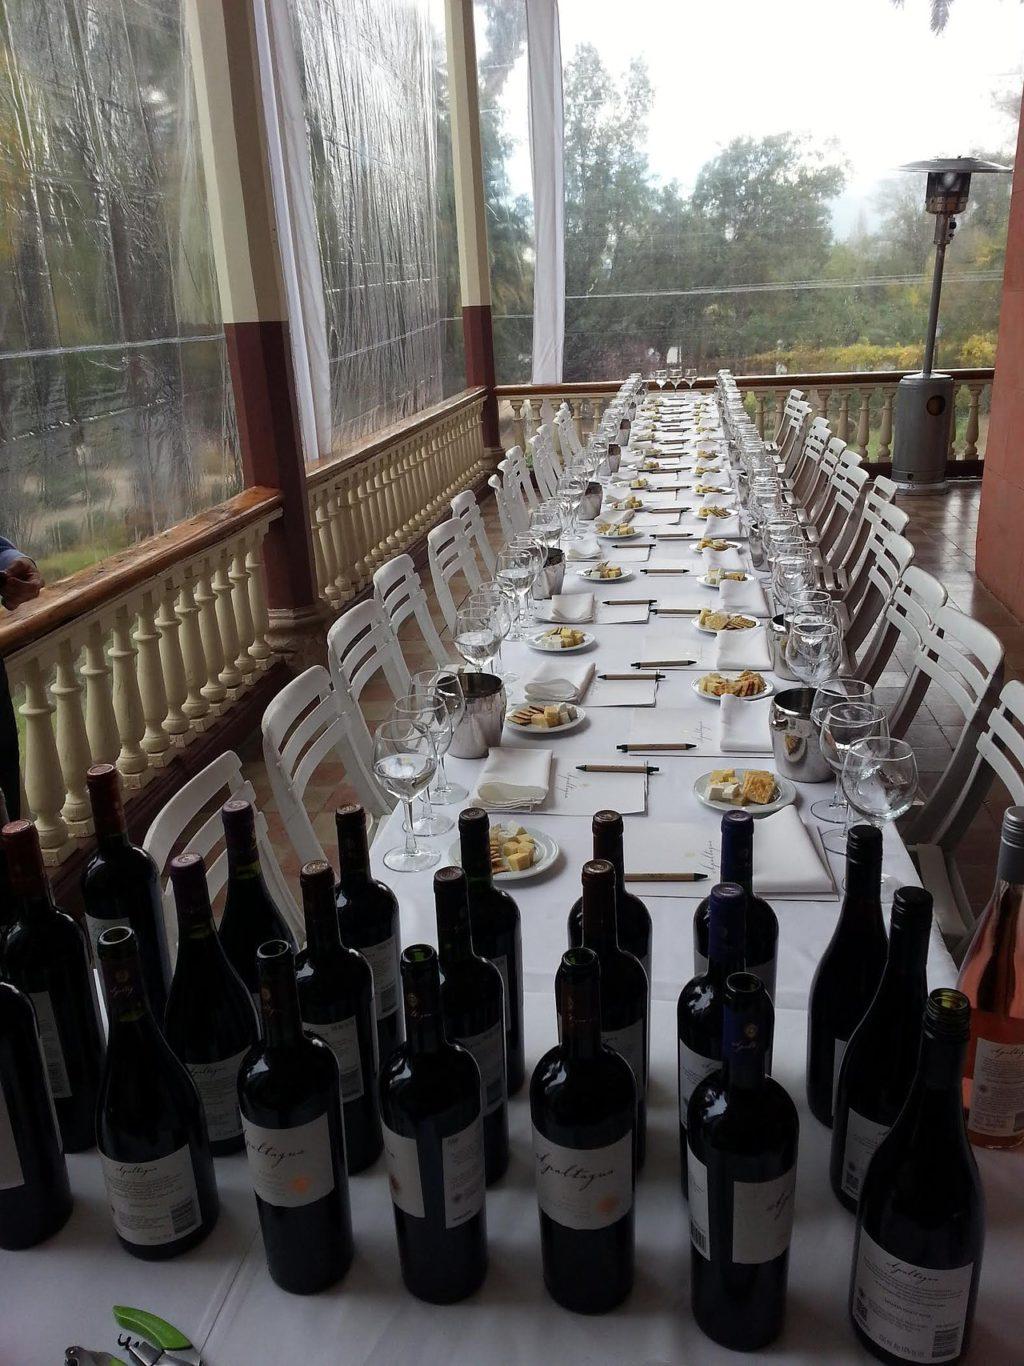 Los viñedos Apaltagua tienen hasta una casona para celebrar bodas acompañadas de sus vinos / www.apaltagua.com